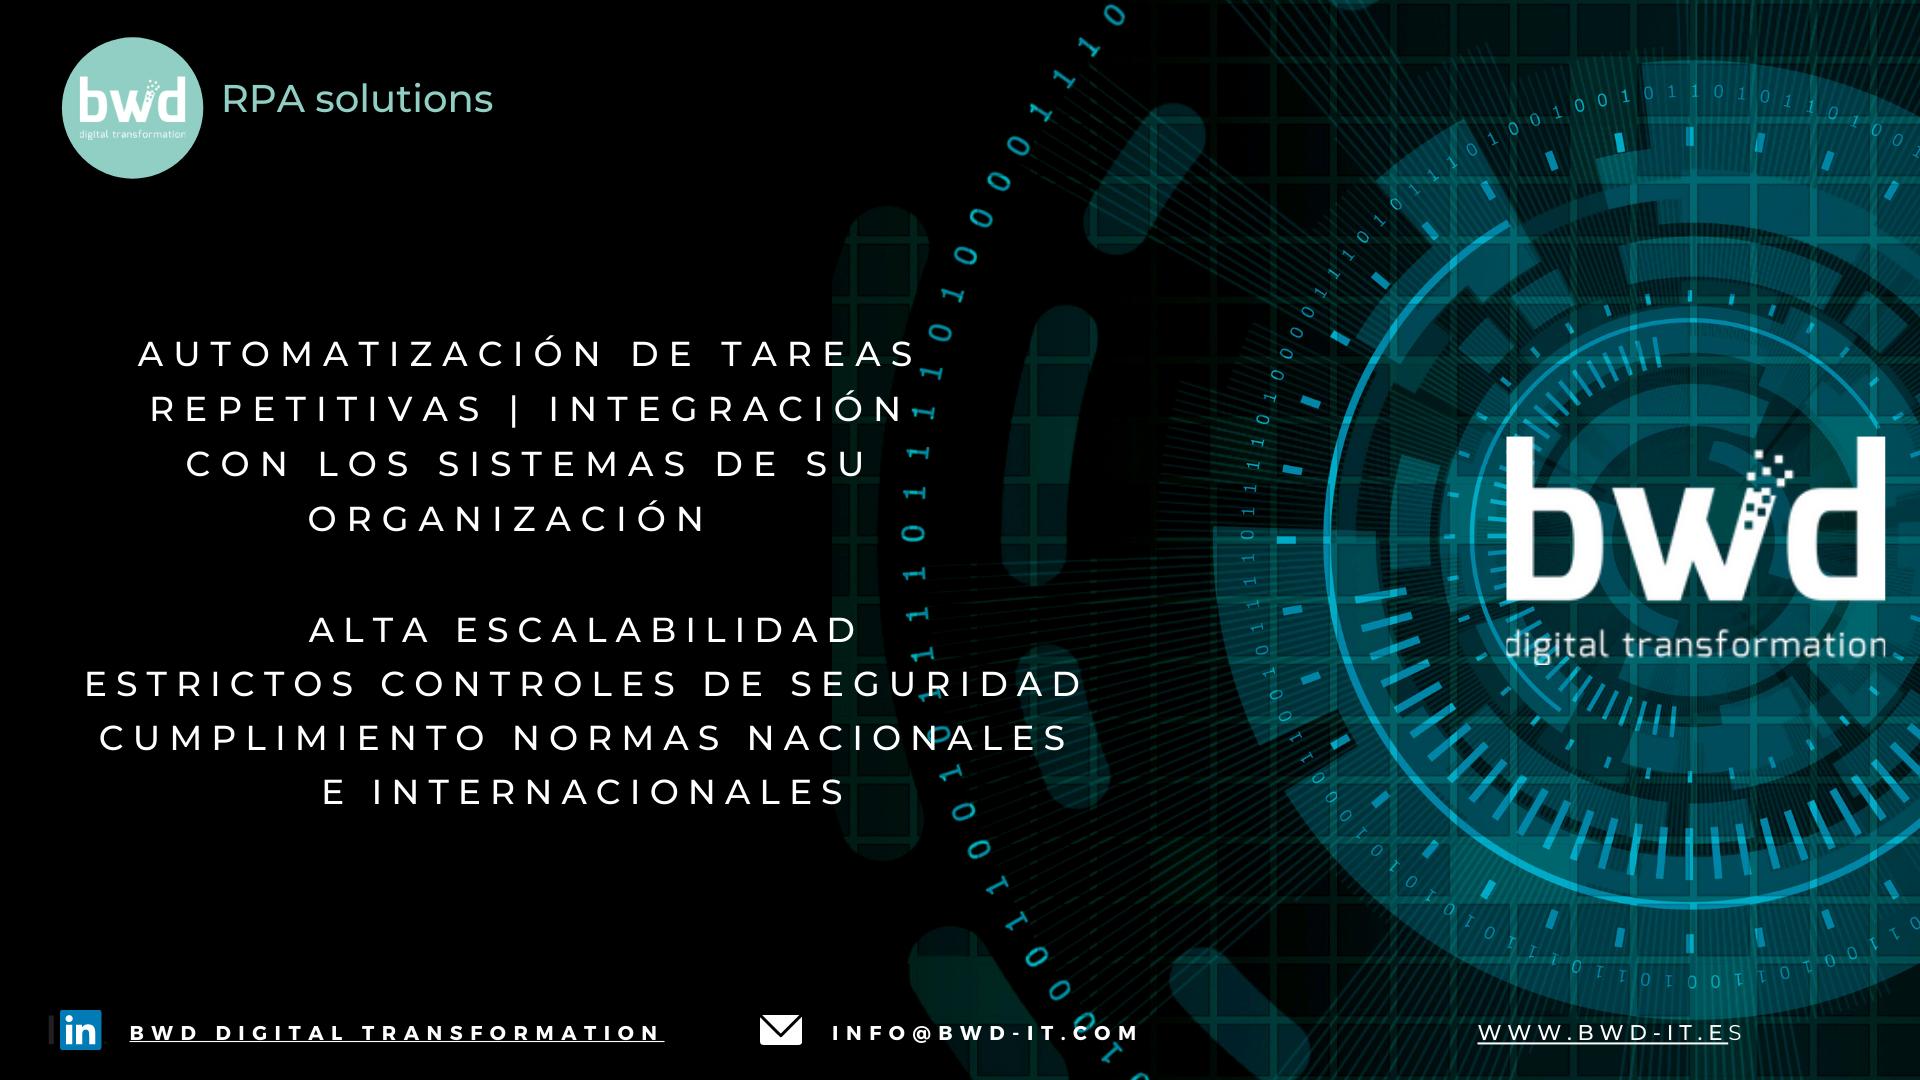 BWD RPA SOLUTION.  La transformación digital: robotización e inteligencia artificial